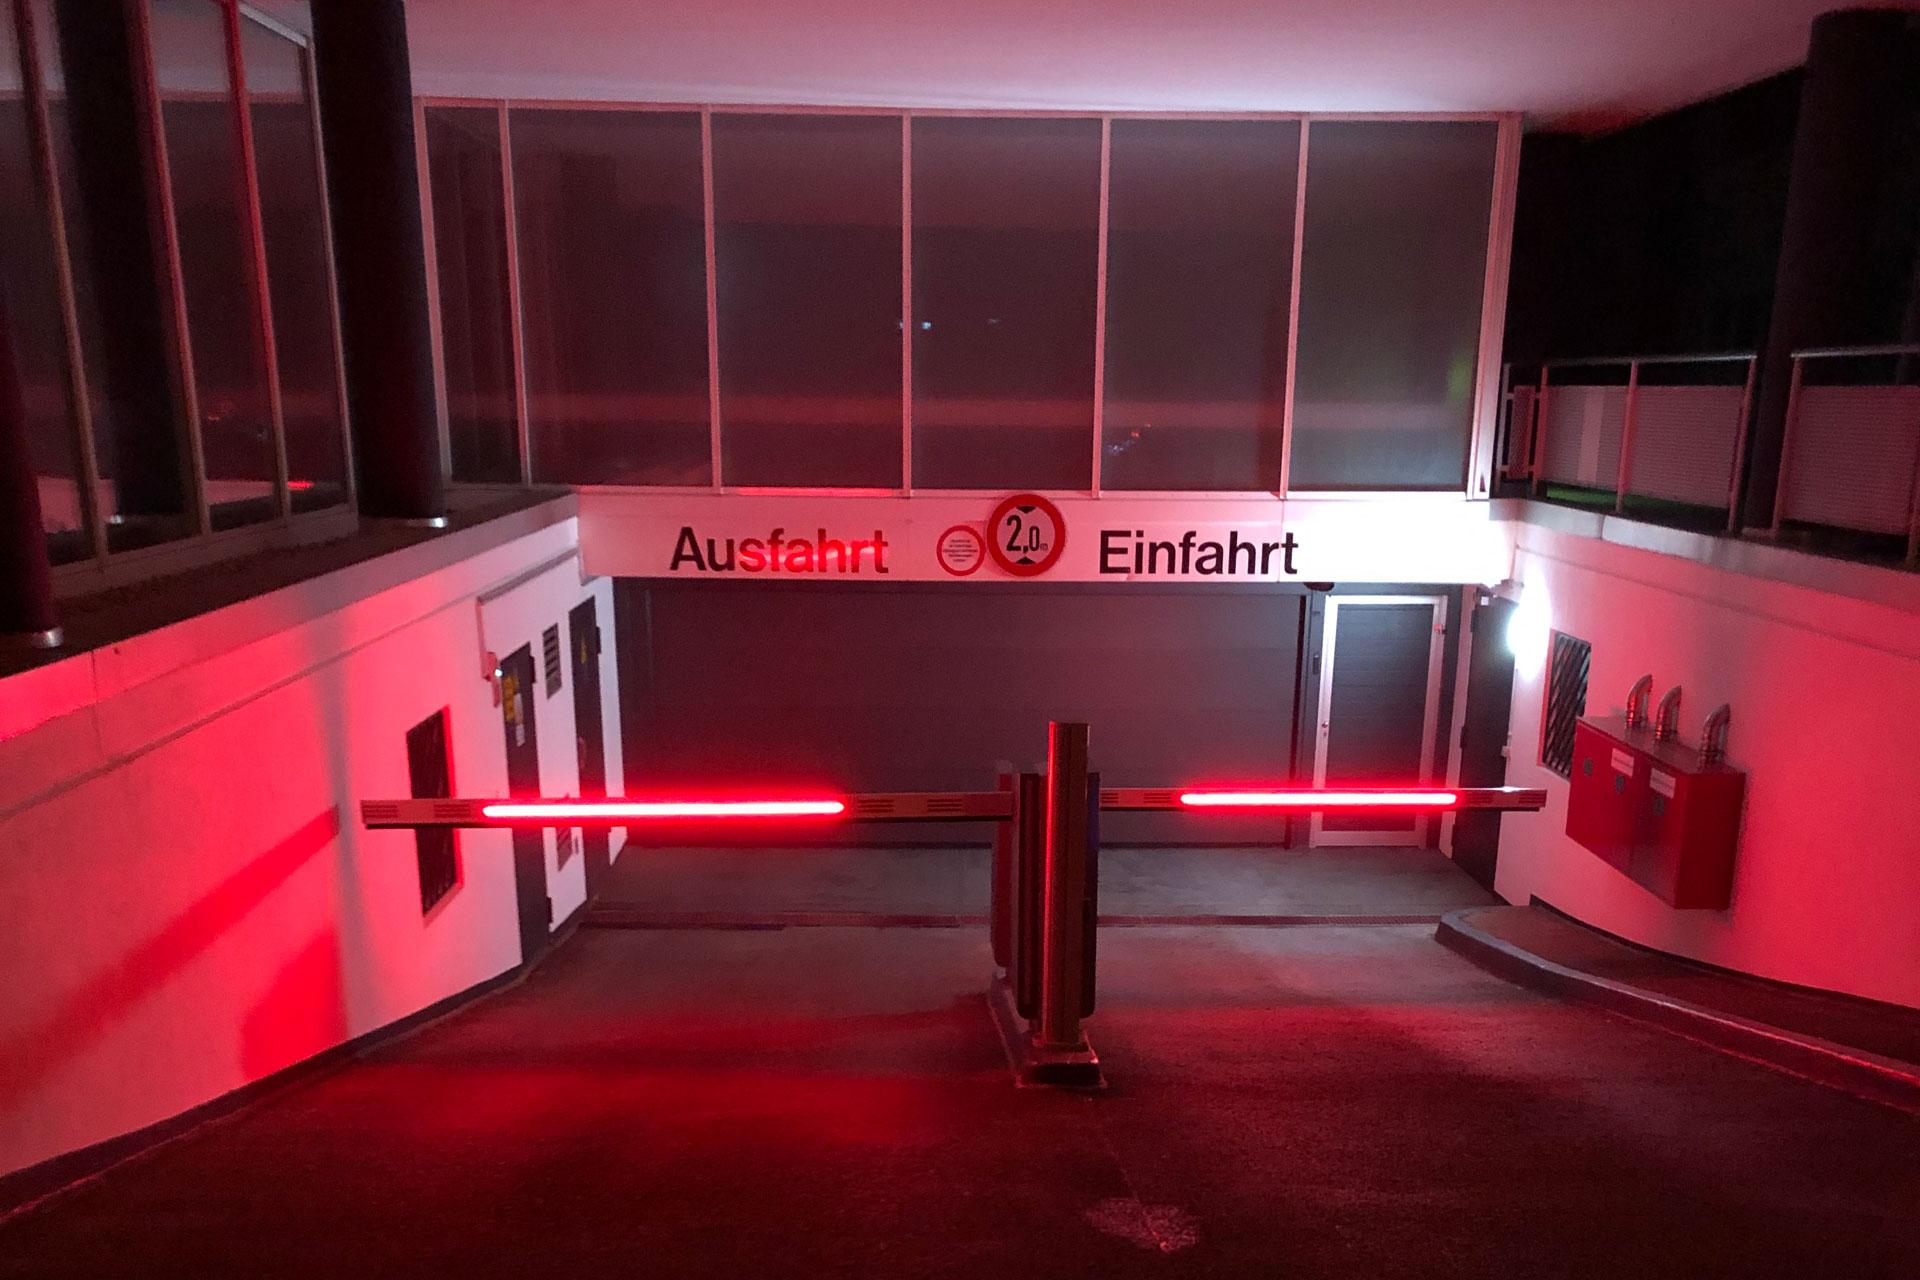 Parkservice Flughafen Stuttgart - Tiefgarage/Parkhaus Kurze Straße 40, 70794 Filderstadt Bild 2